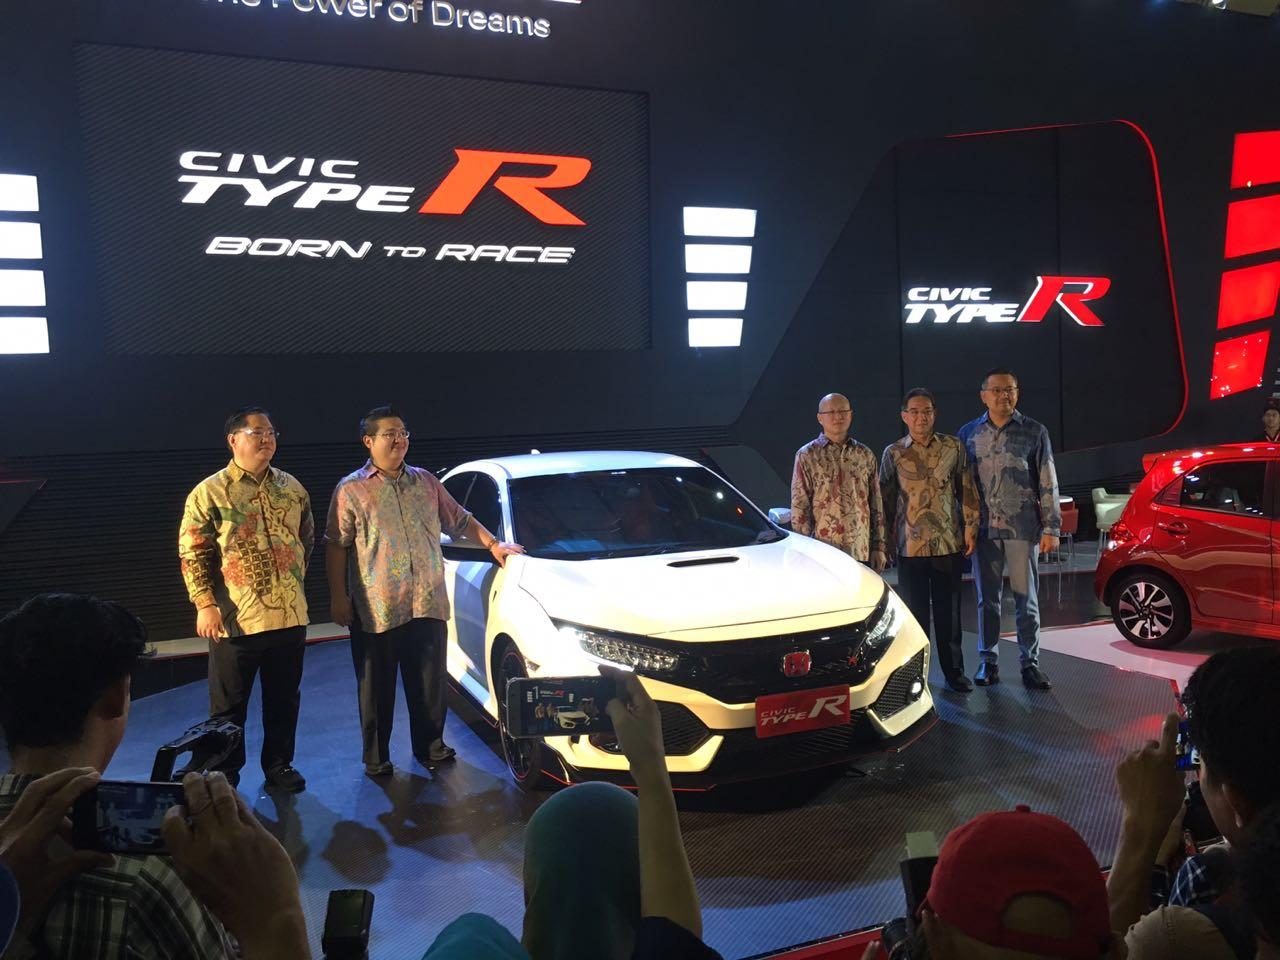 Promosi Mobil Honda